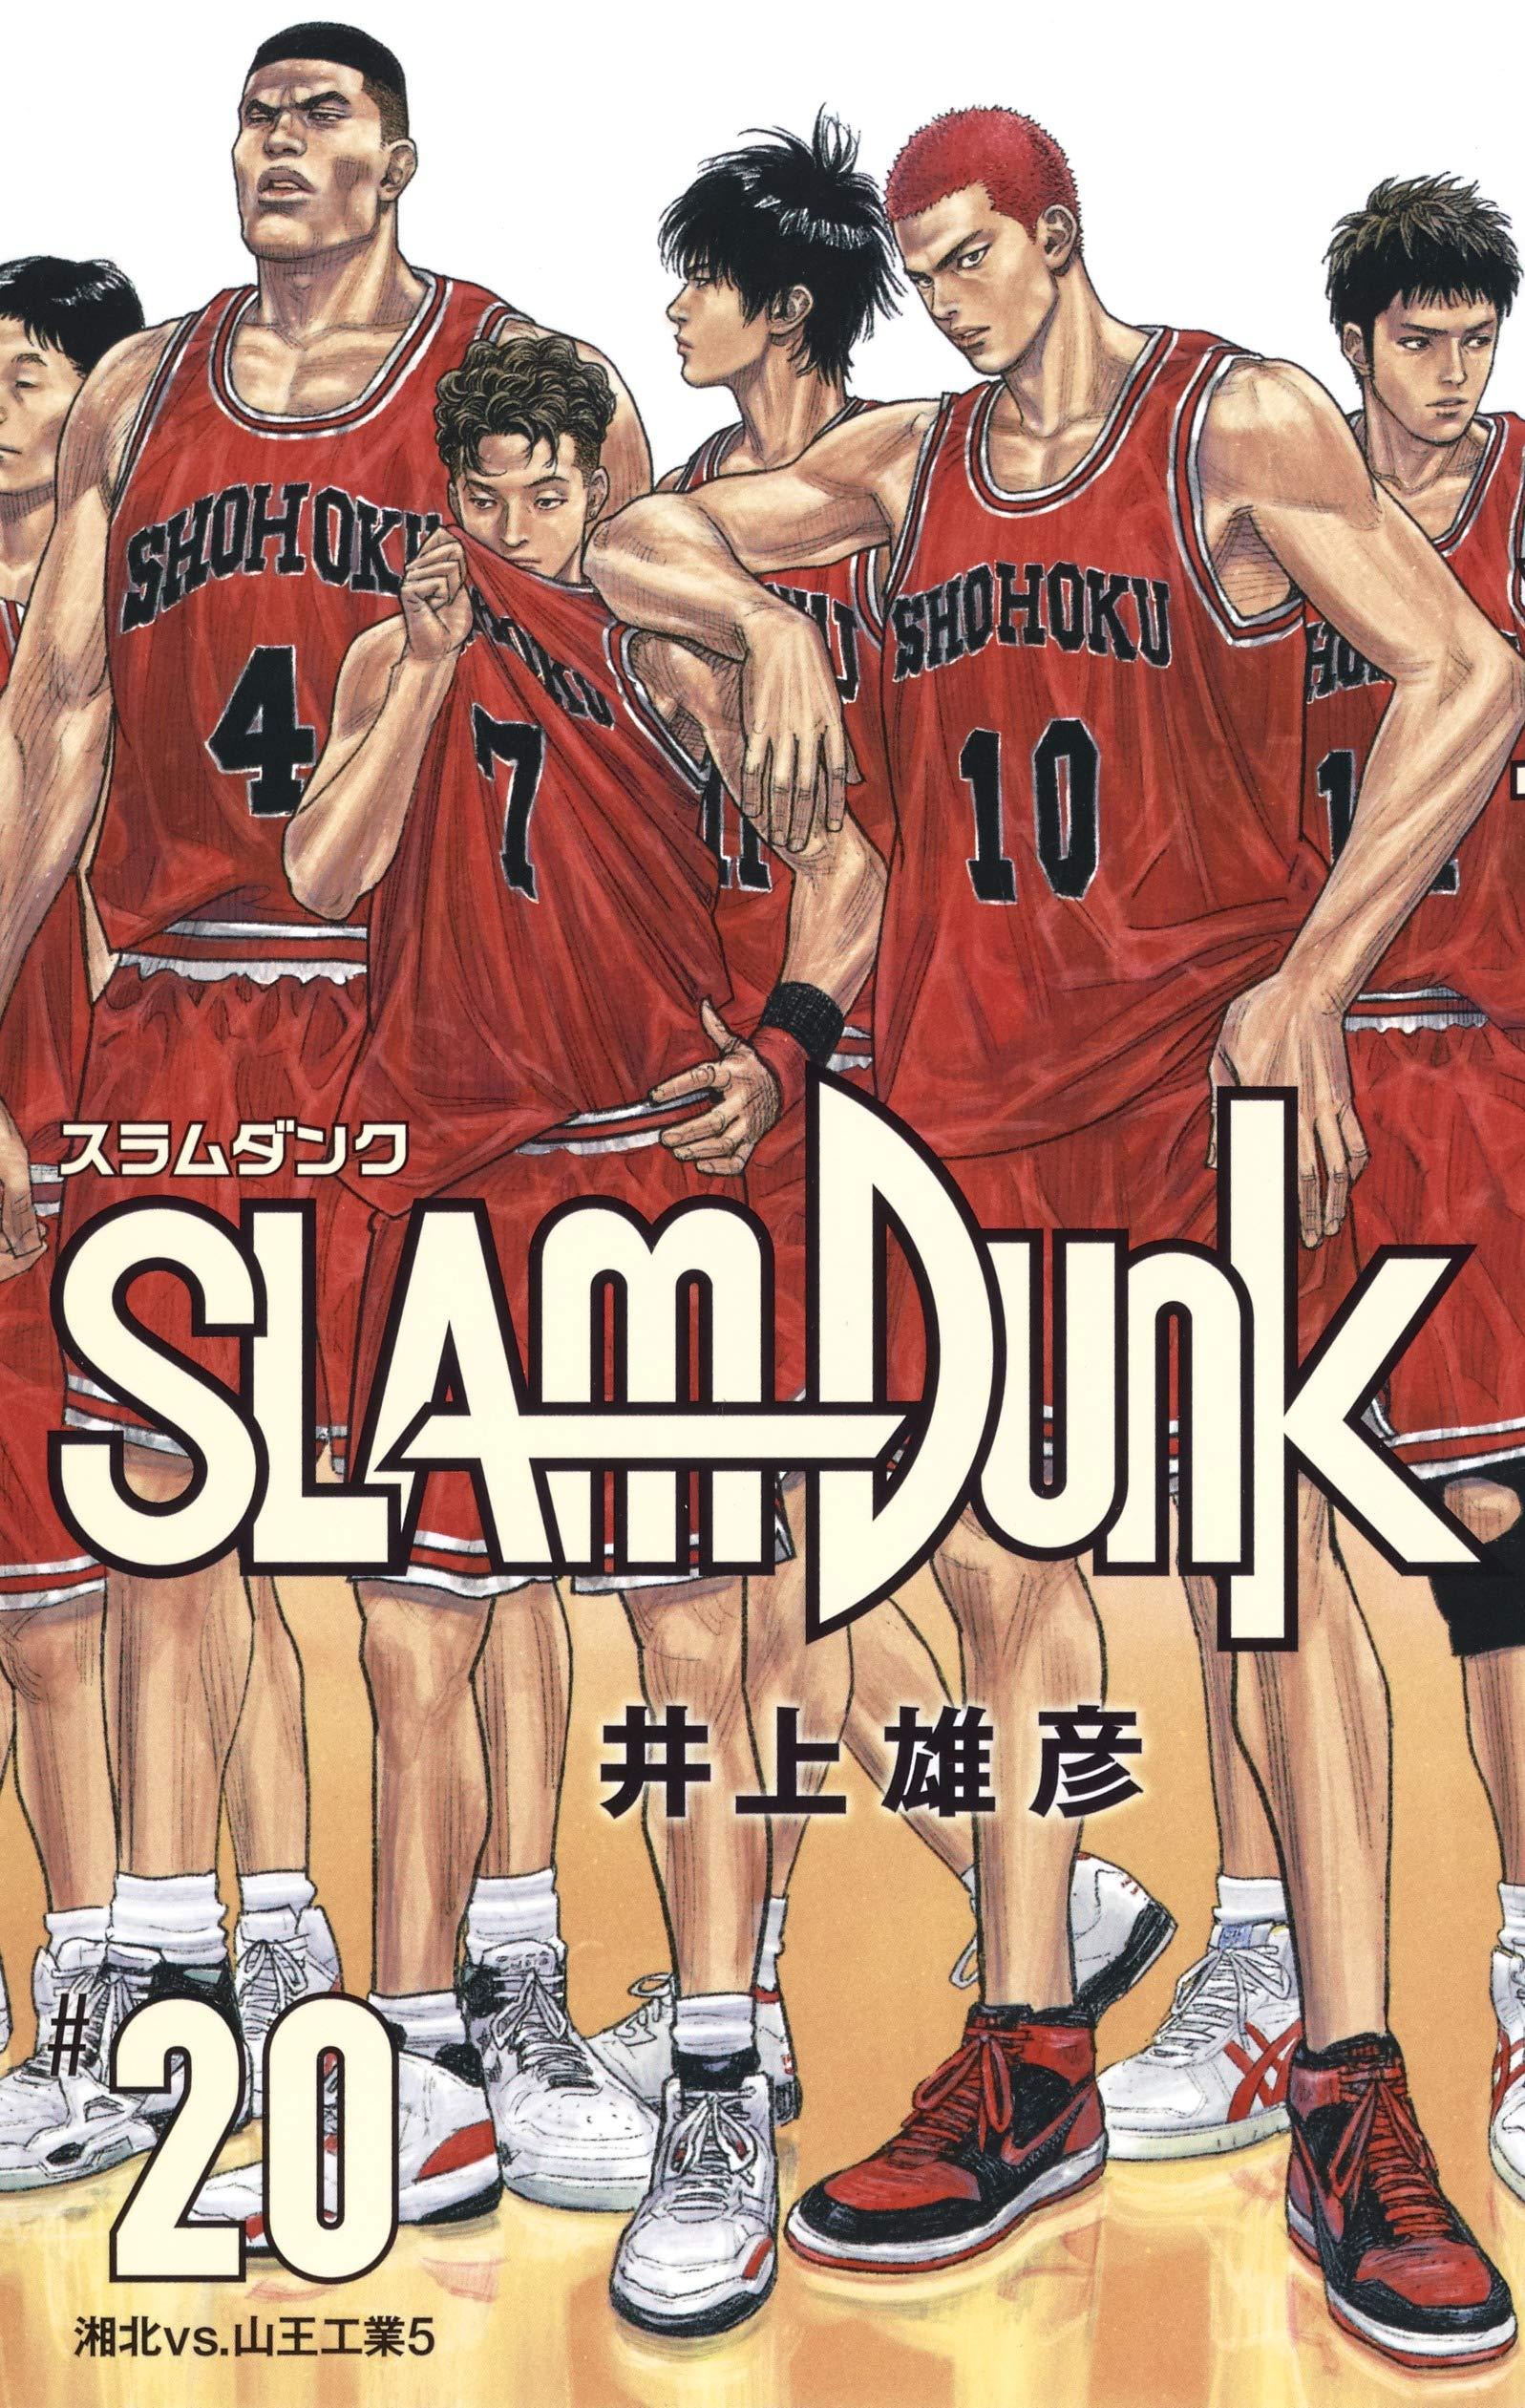 バスケ漫画の金字塔「スラムダンク」アニメ映画化決定!井上雄彦先生のTwitterにて発表